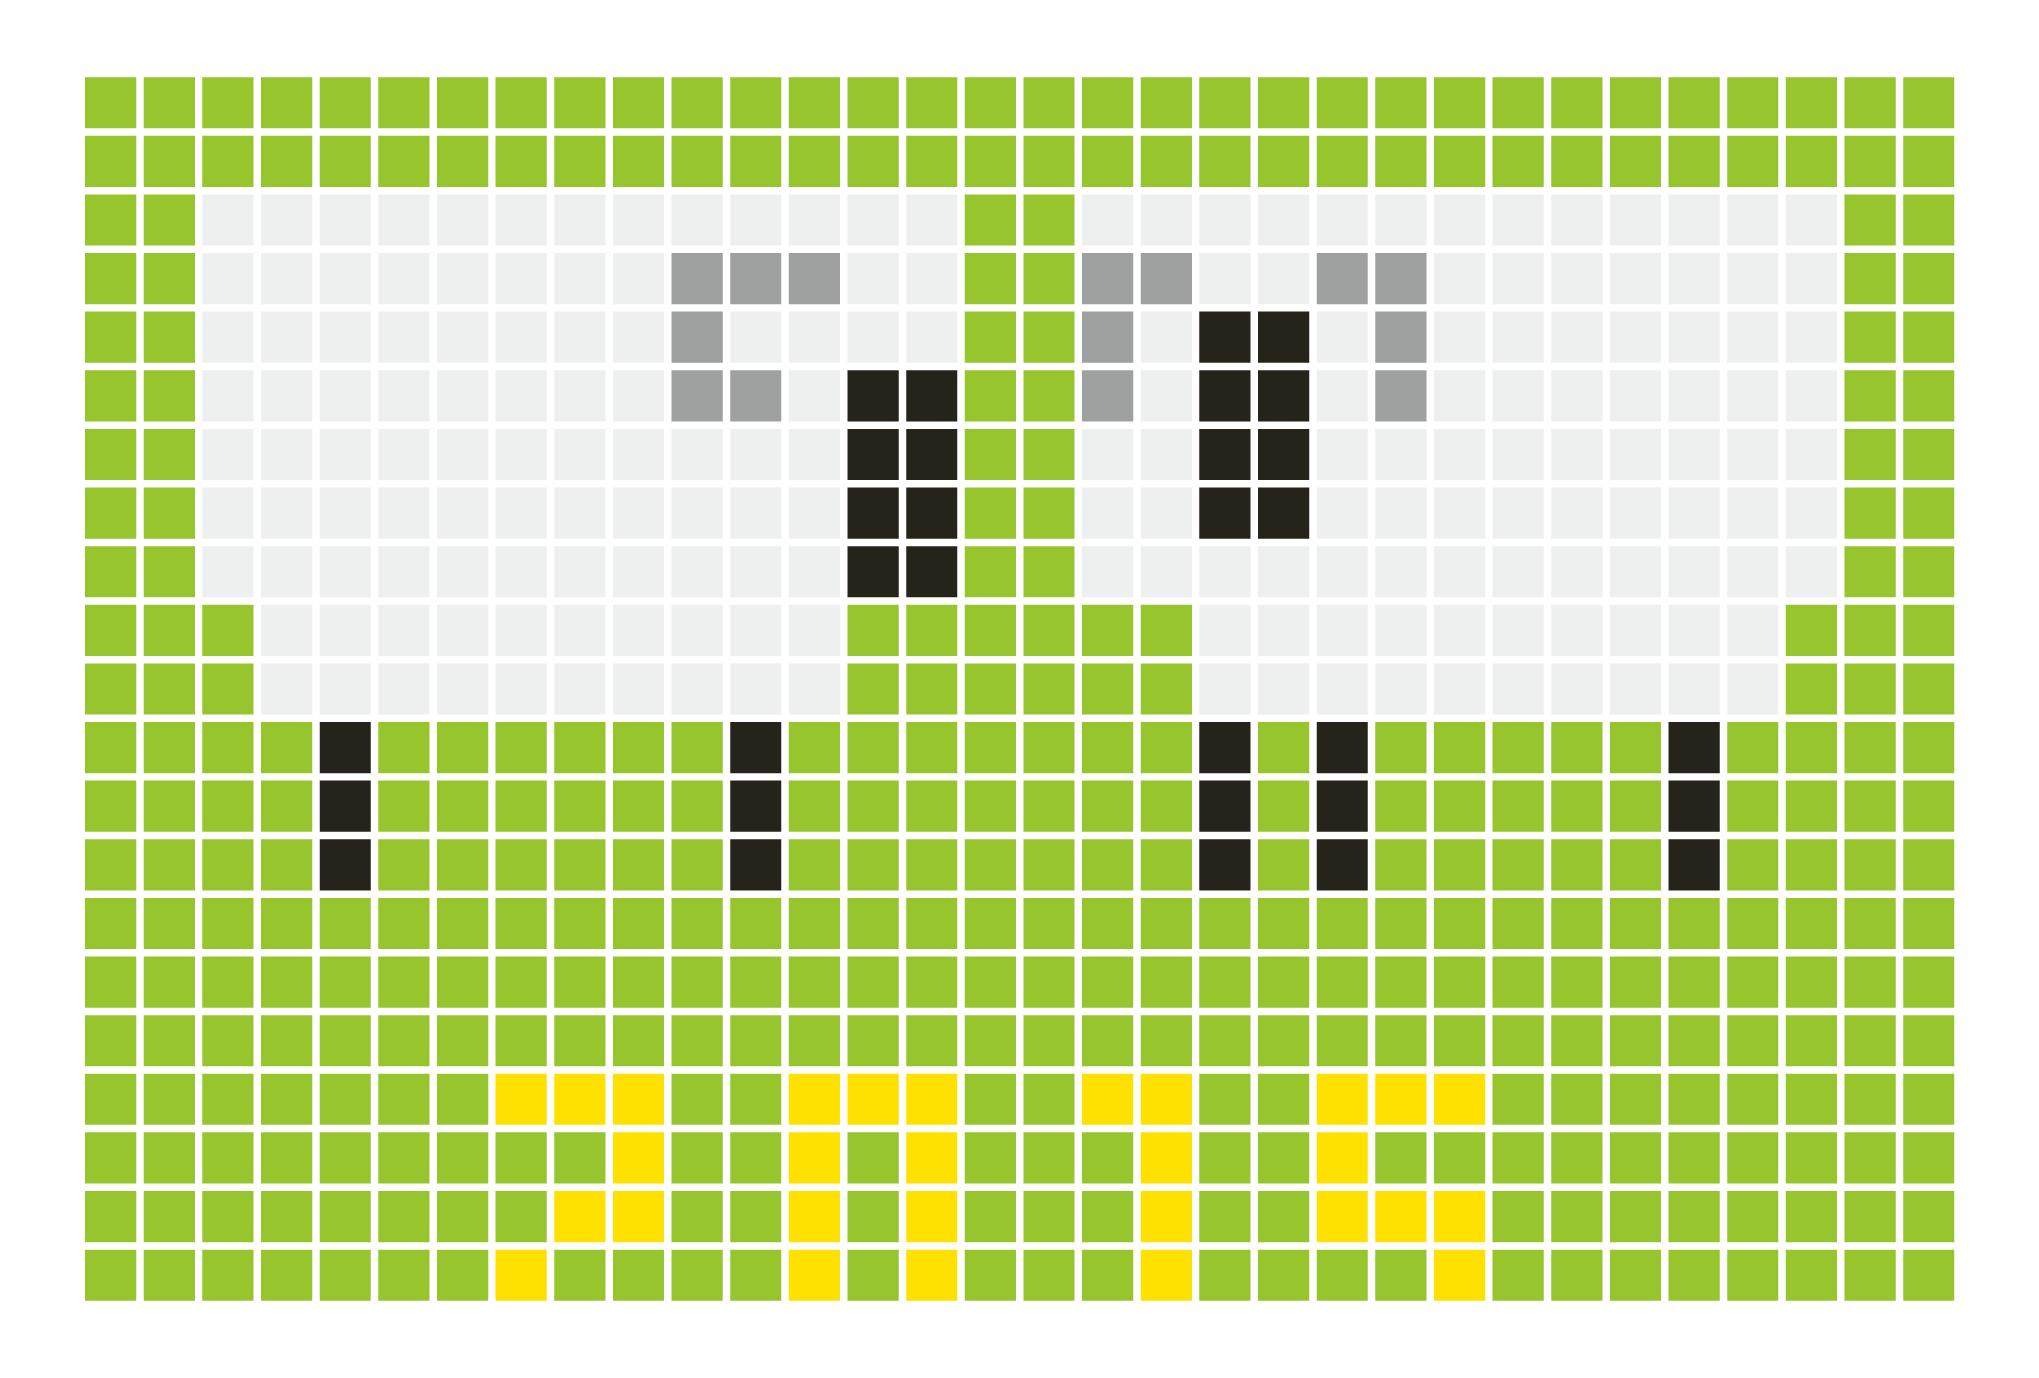 2015年賀状06-1:Sheep grid 2015 / 1のダウンロード画像